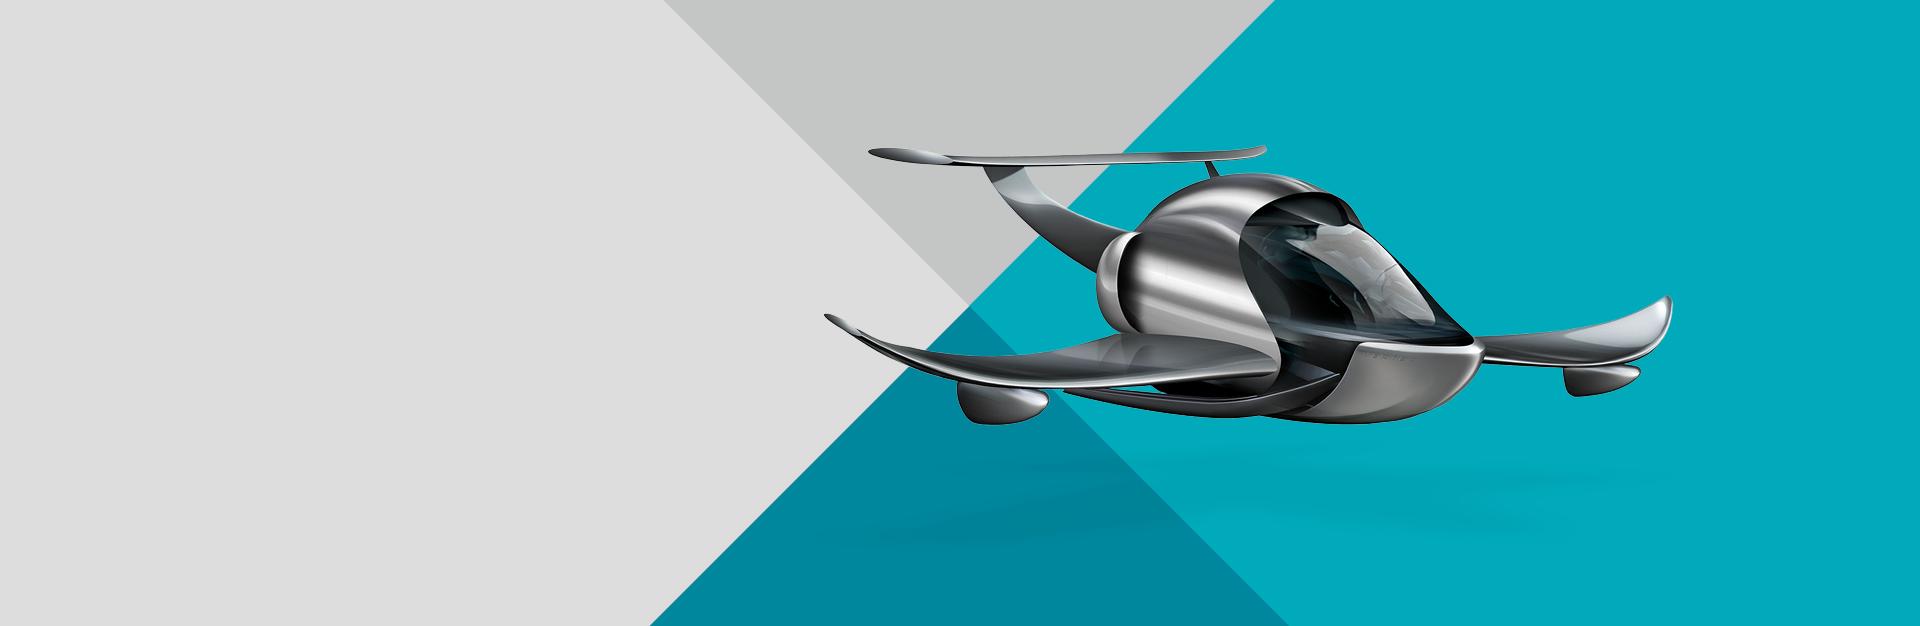 Exclin Vertex Recreational Vehicle concept - landing